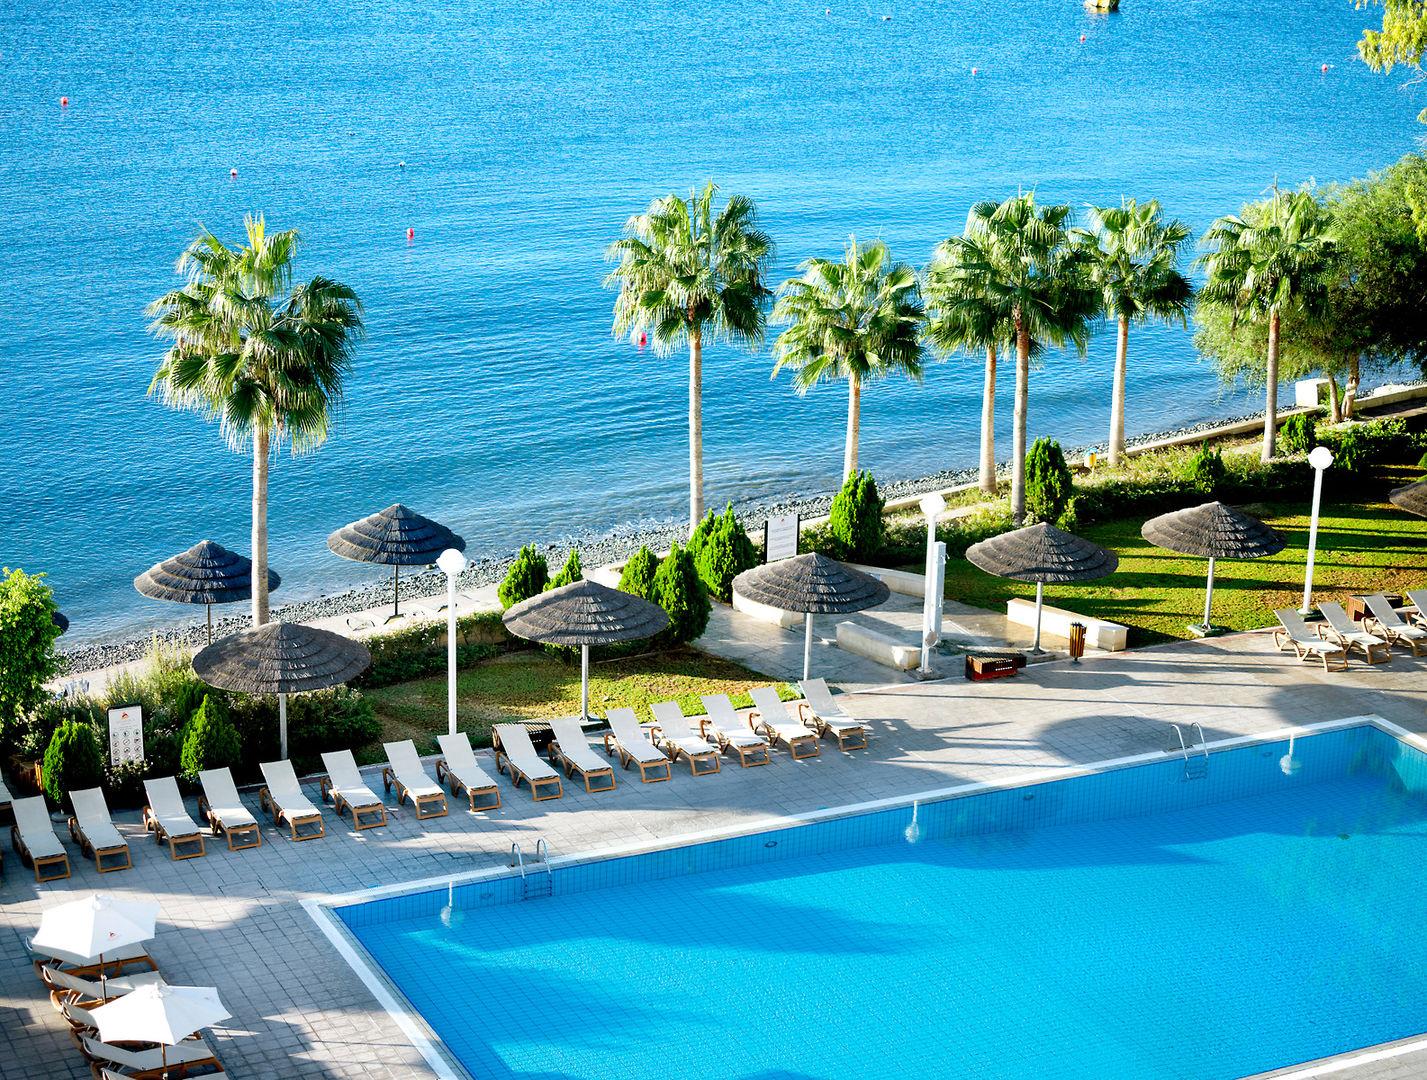 Hotel Atlantica Miramare